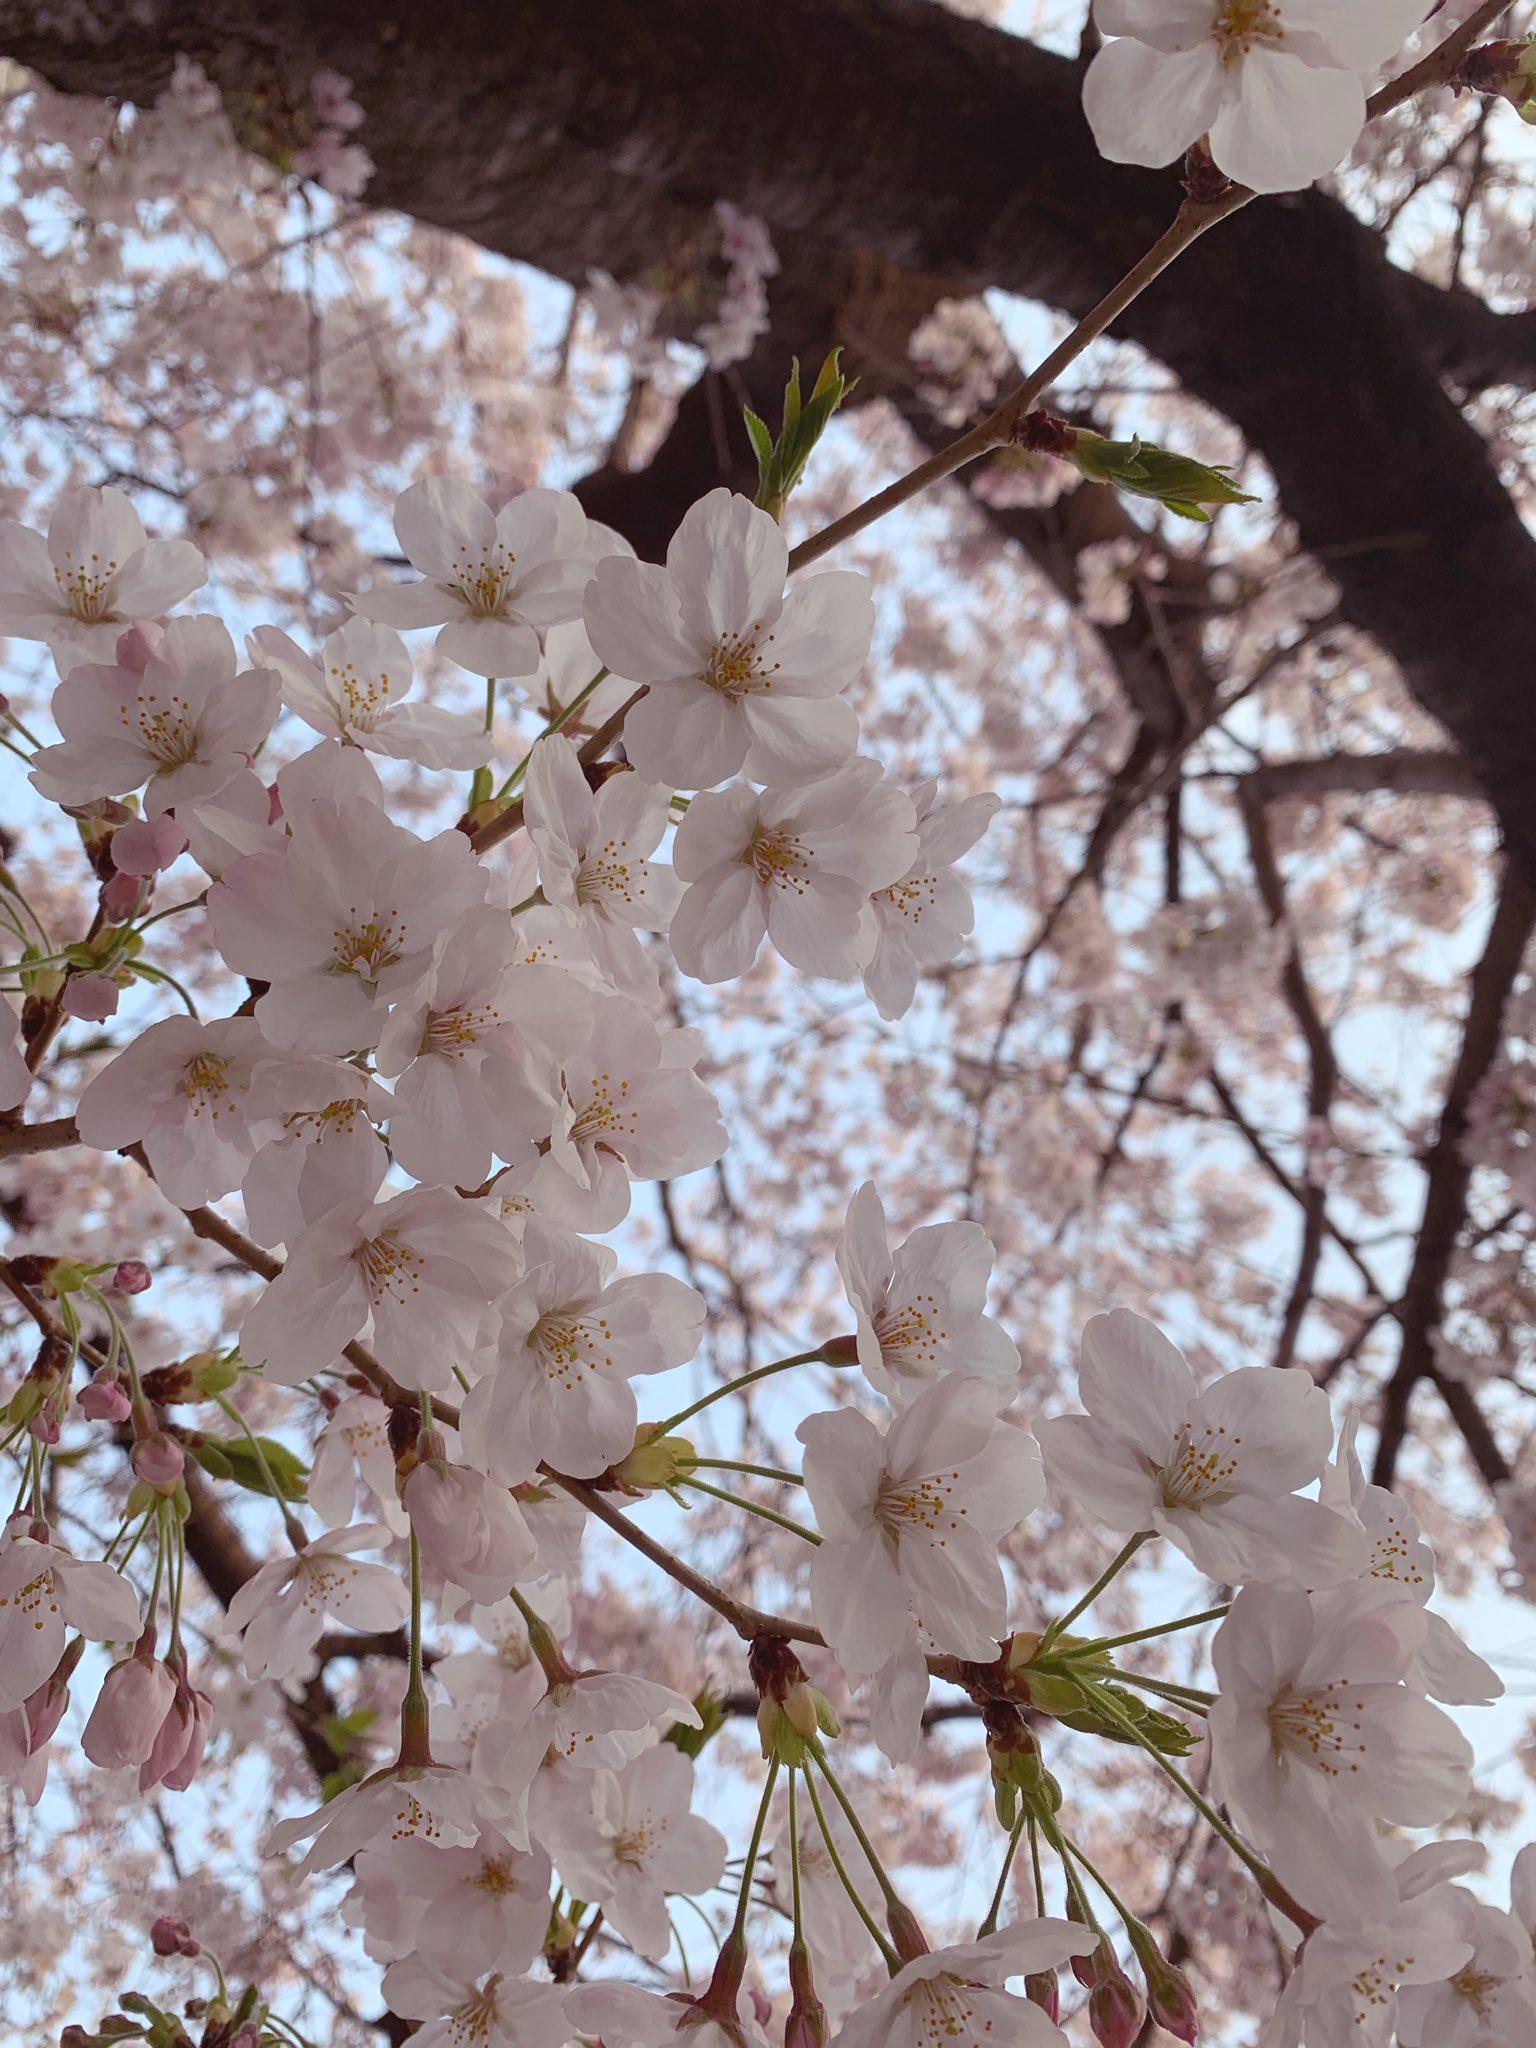 私も自分で撮った今年の桜写真を投稿しておこう〜🌸🌸🌸〜 https://t.co/Q3Gyvn8BsQ